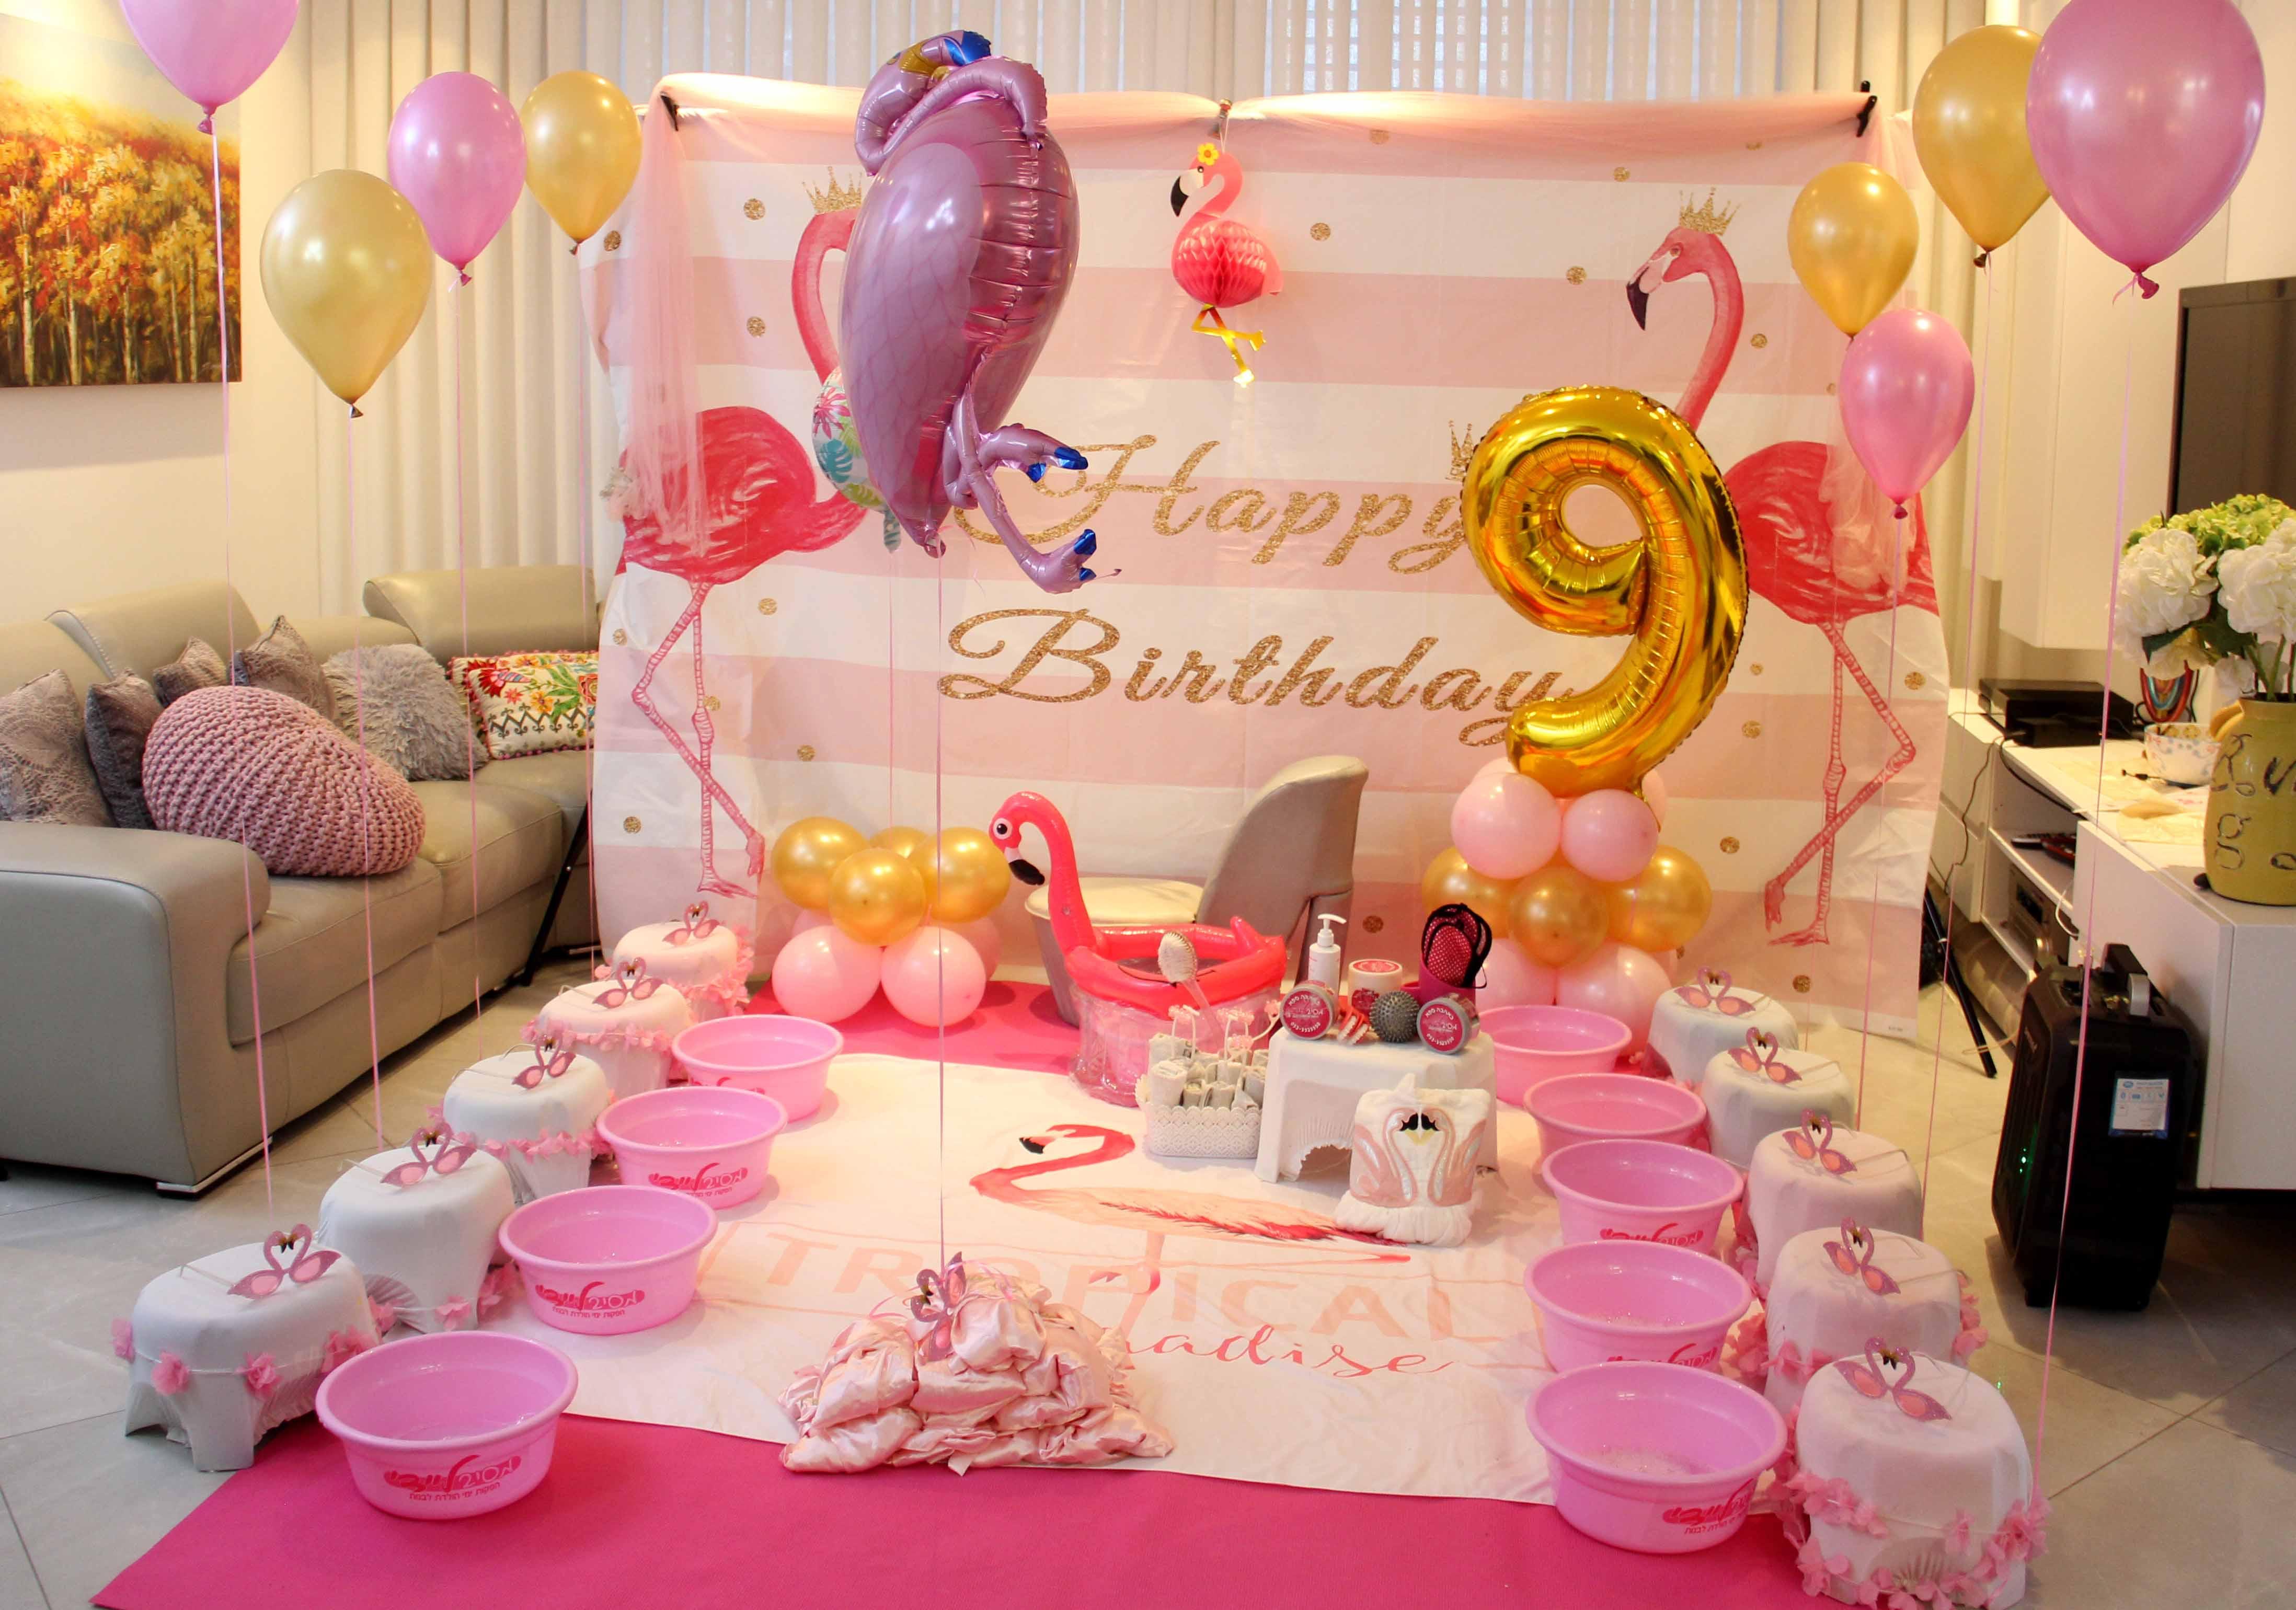 יום הולדת ספא פלמניגו לבת 9